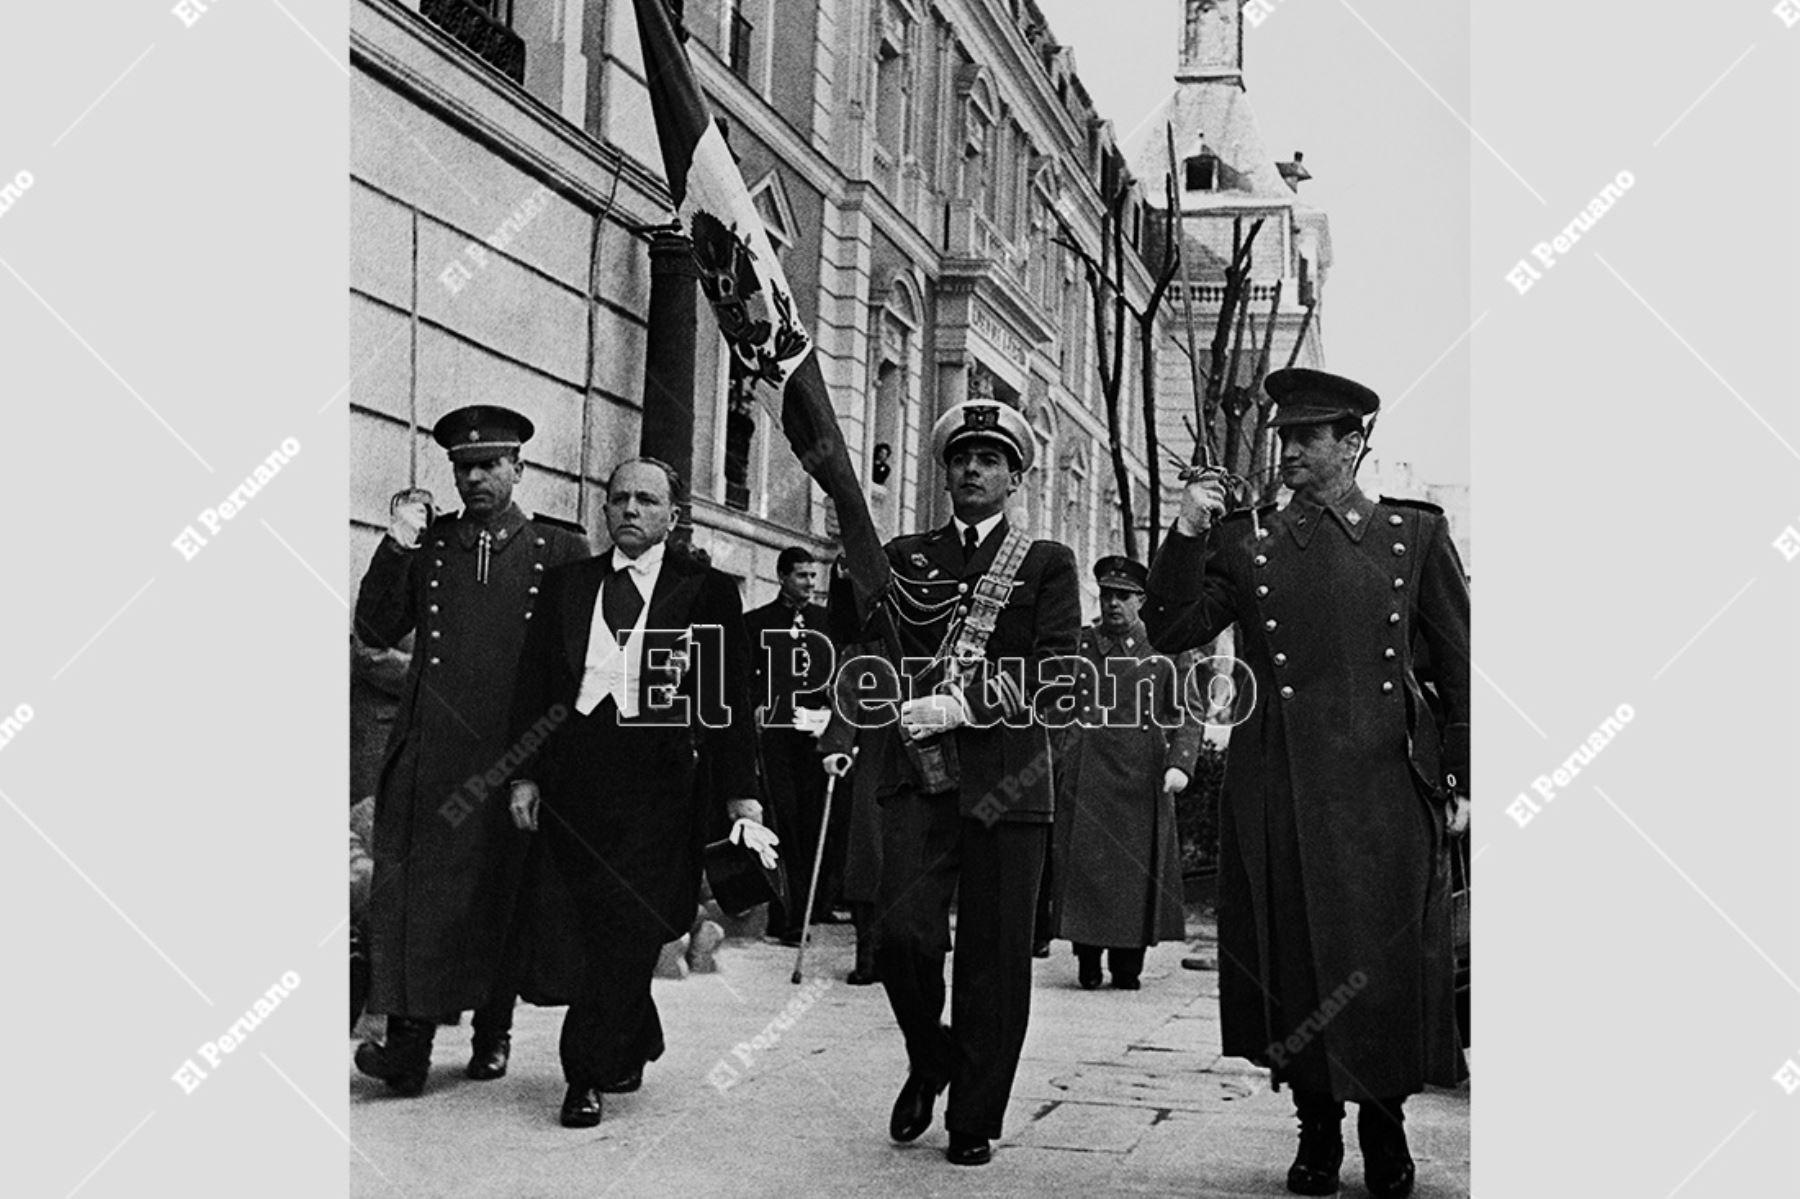 Madrid, España - 1949 / El embajador del Perú en España, Raúl Porras Barrenechea, hace entrega de una bandera nacional al Museo del Ejército español. Foto: Archivo Histórico de El Peruano